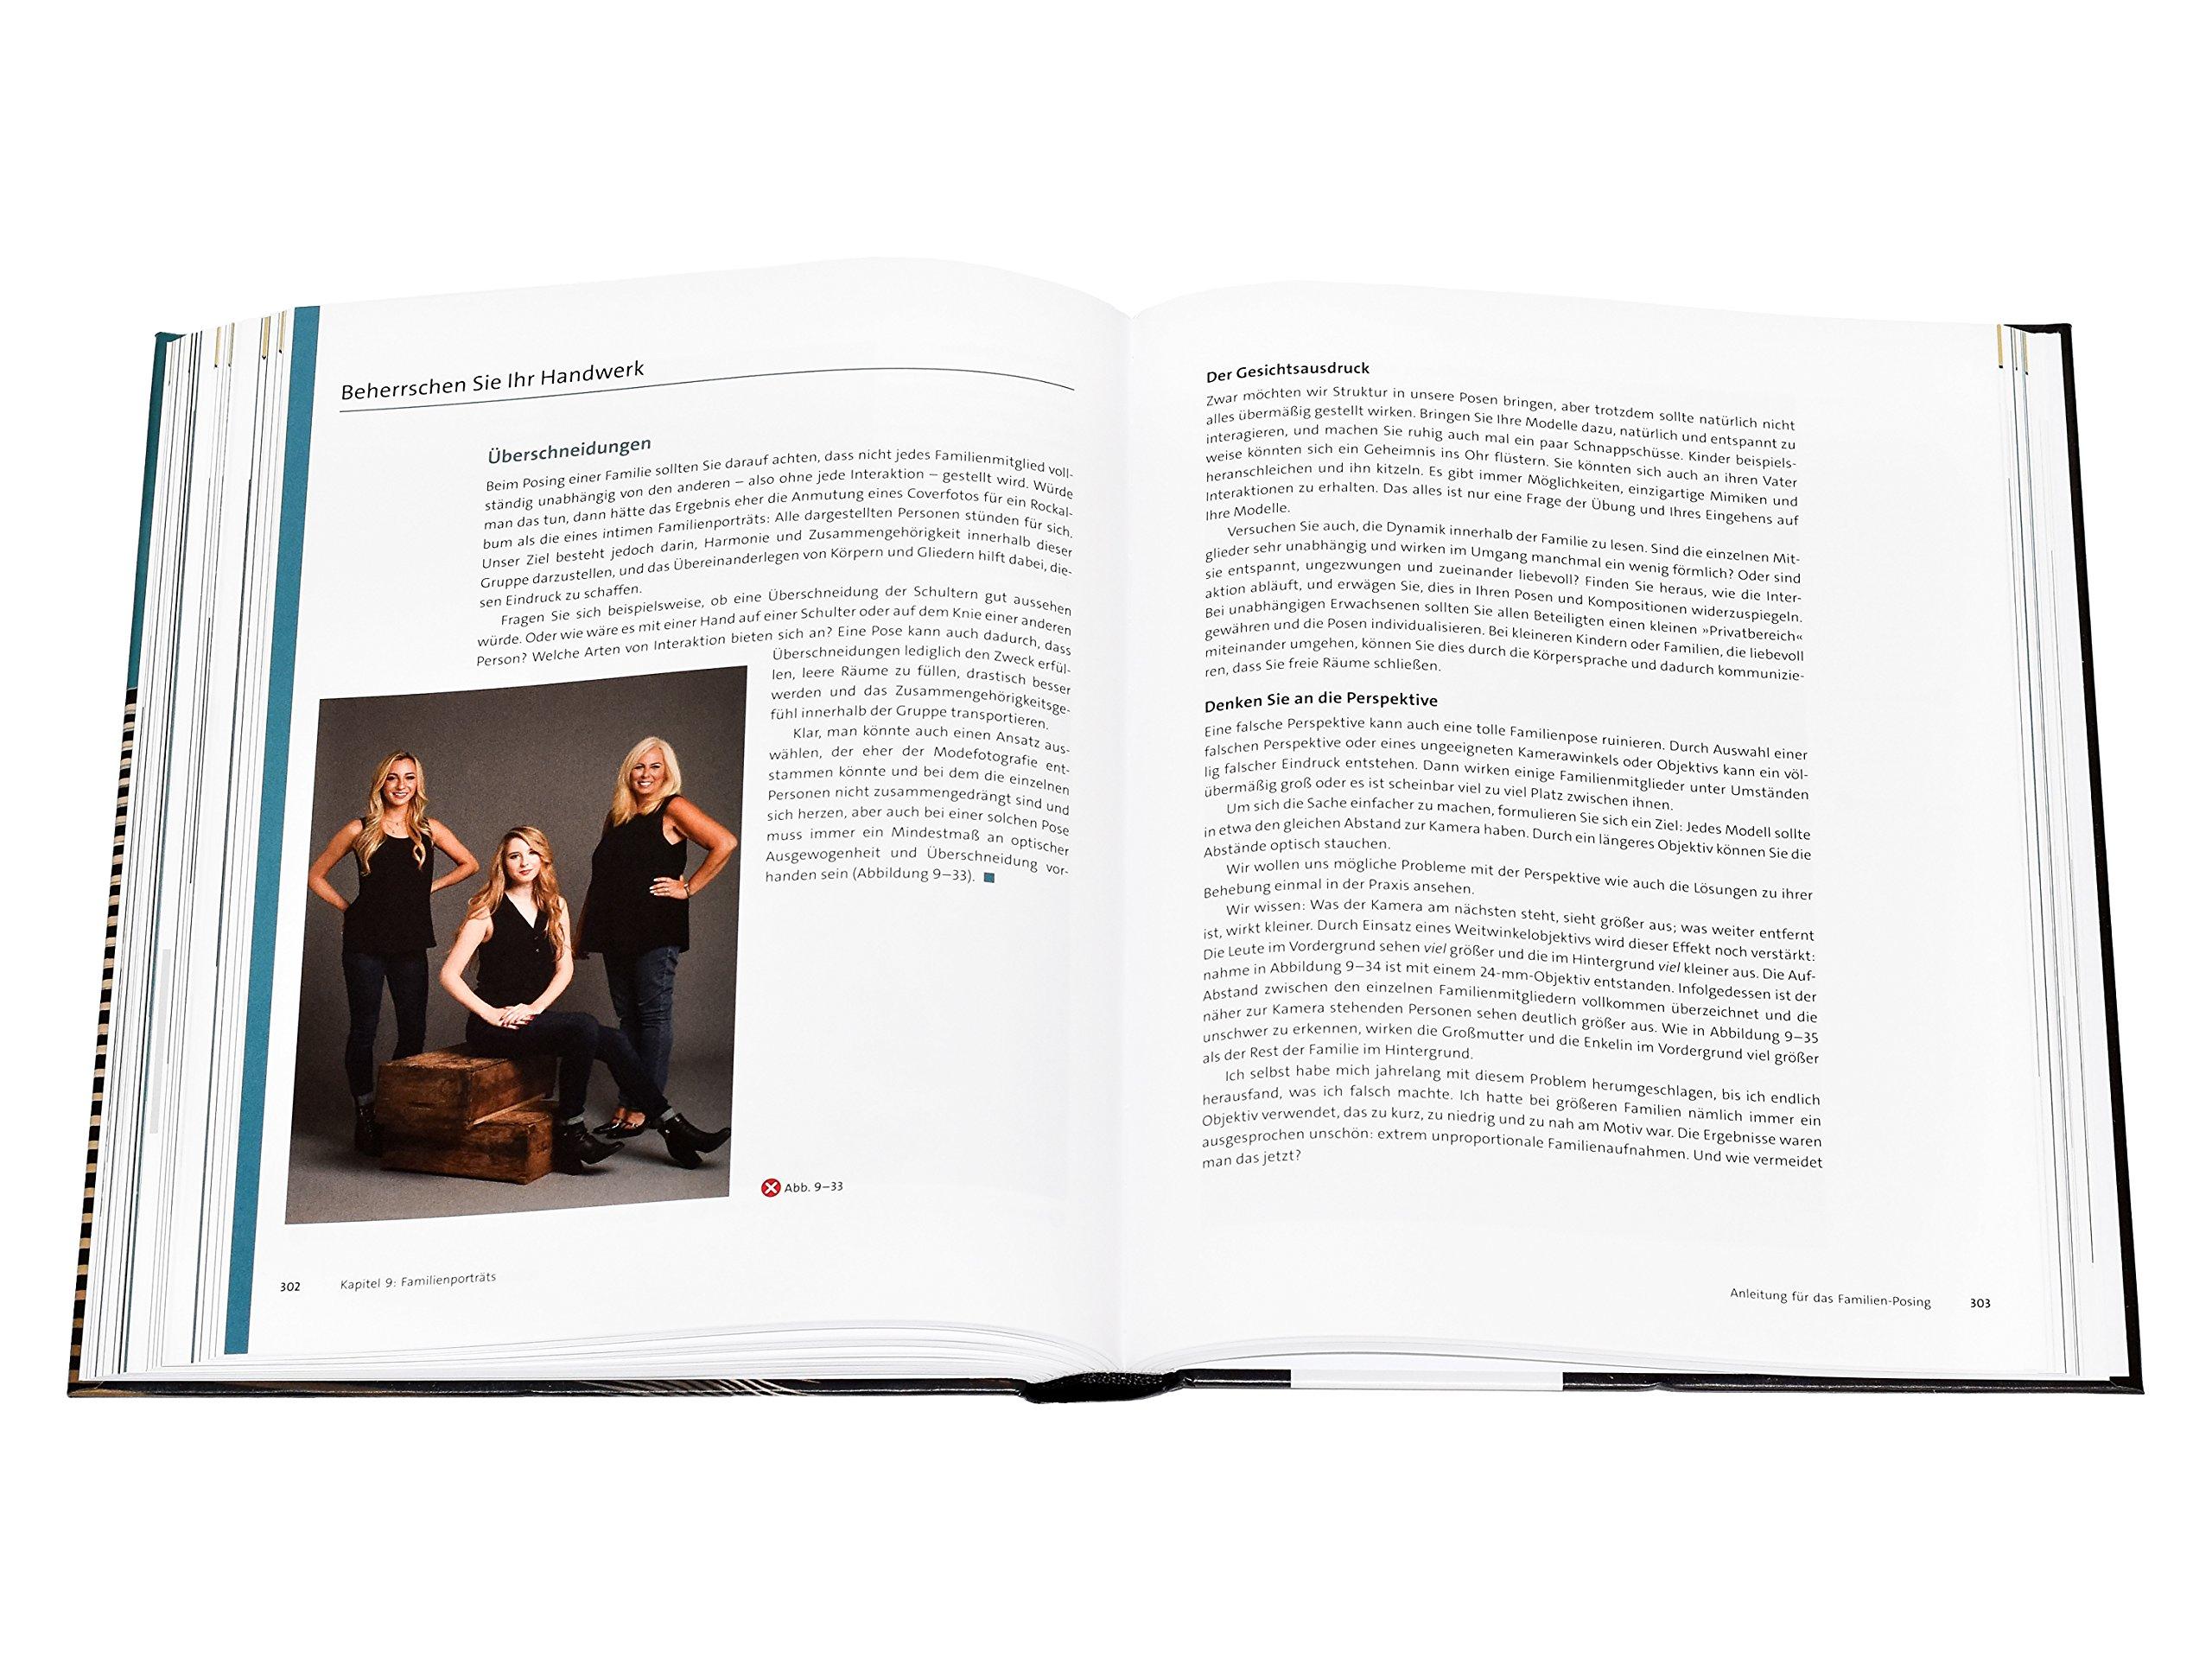 Das Posing-Handbuch: Der Leitfaden für perfekte Porträts von Kopf bis Fuß:  Amazon.de: Lindsay Adler, Christian Alkemper: Bücher